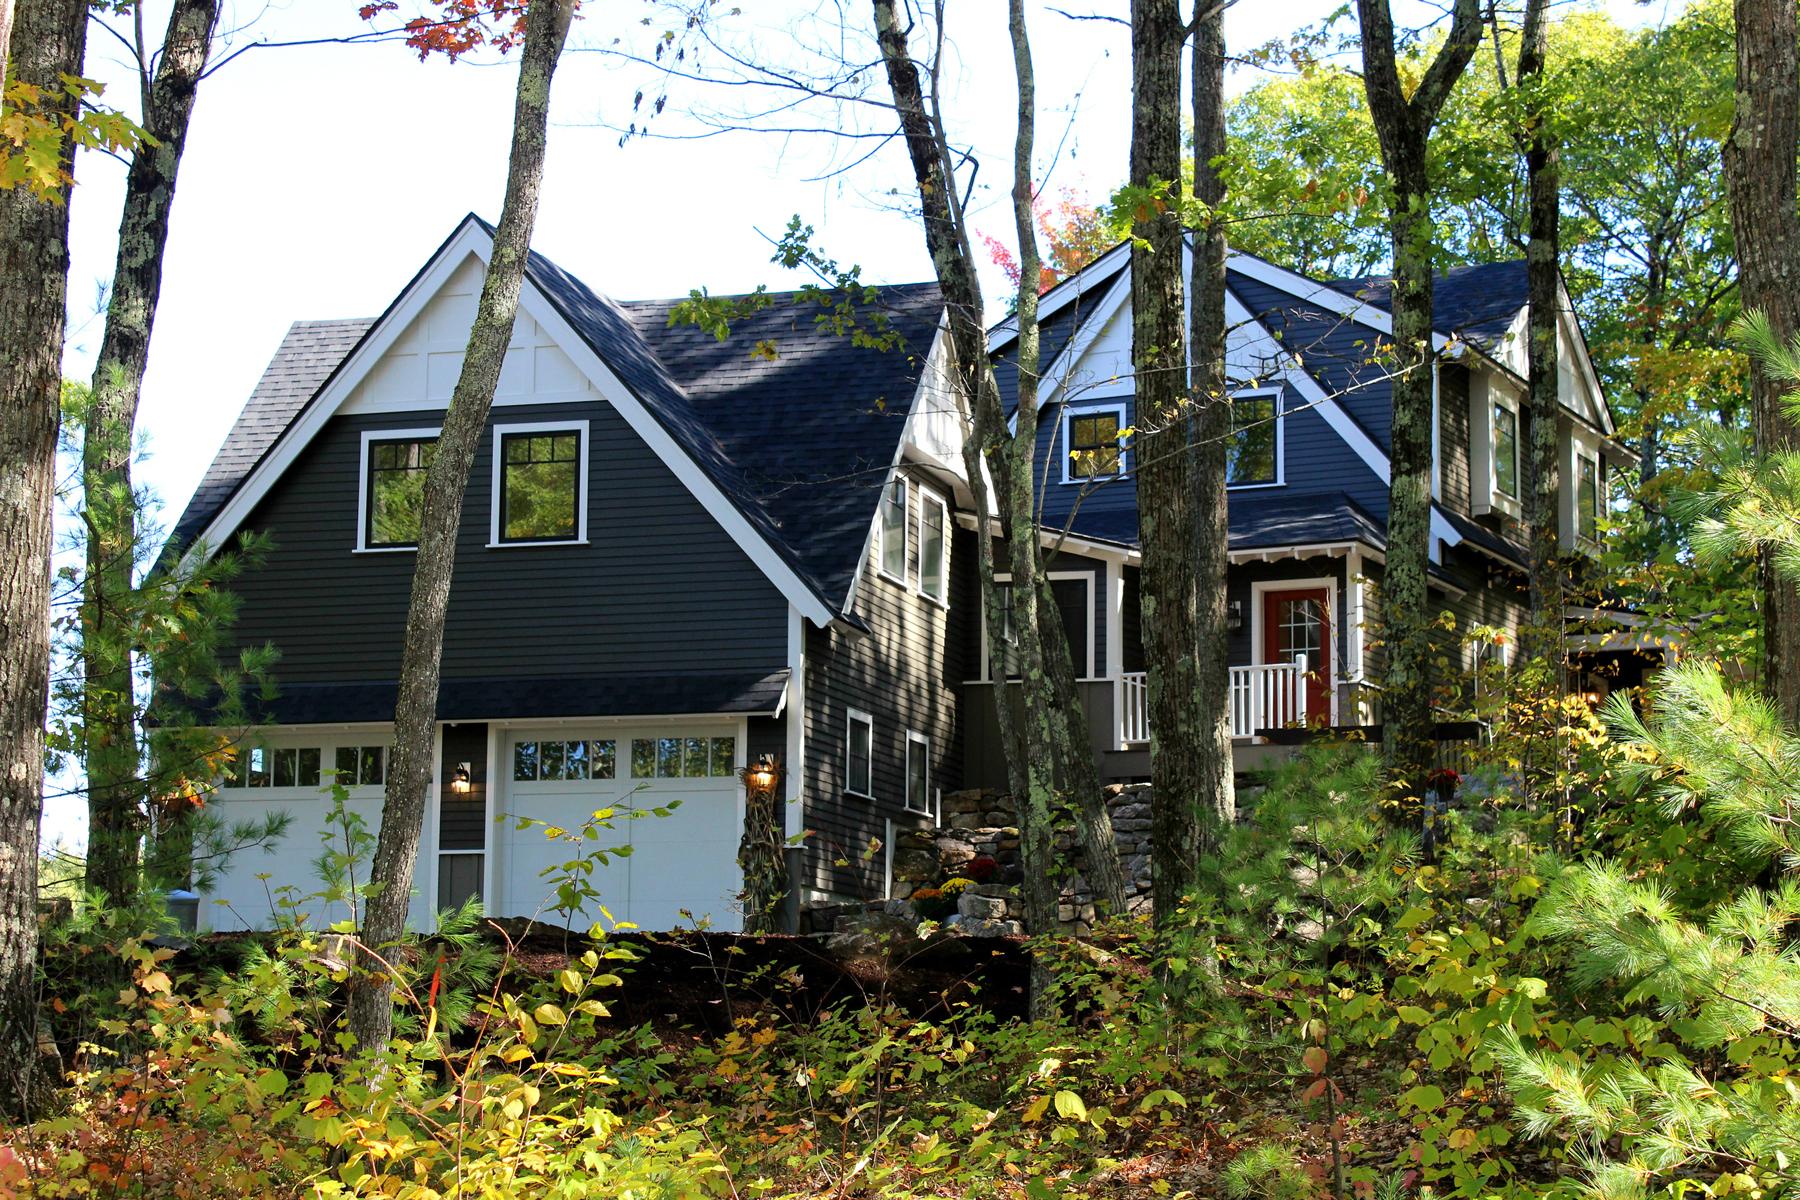 Casa para uma família para Venda às 8 Peaked Hill Road, Ashland 8 Peaked Hill Rd Ashland, New Hampshire, 03217 Estados Unidos